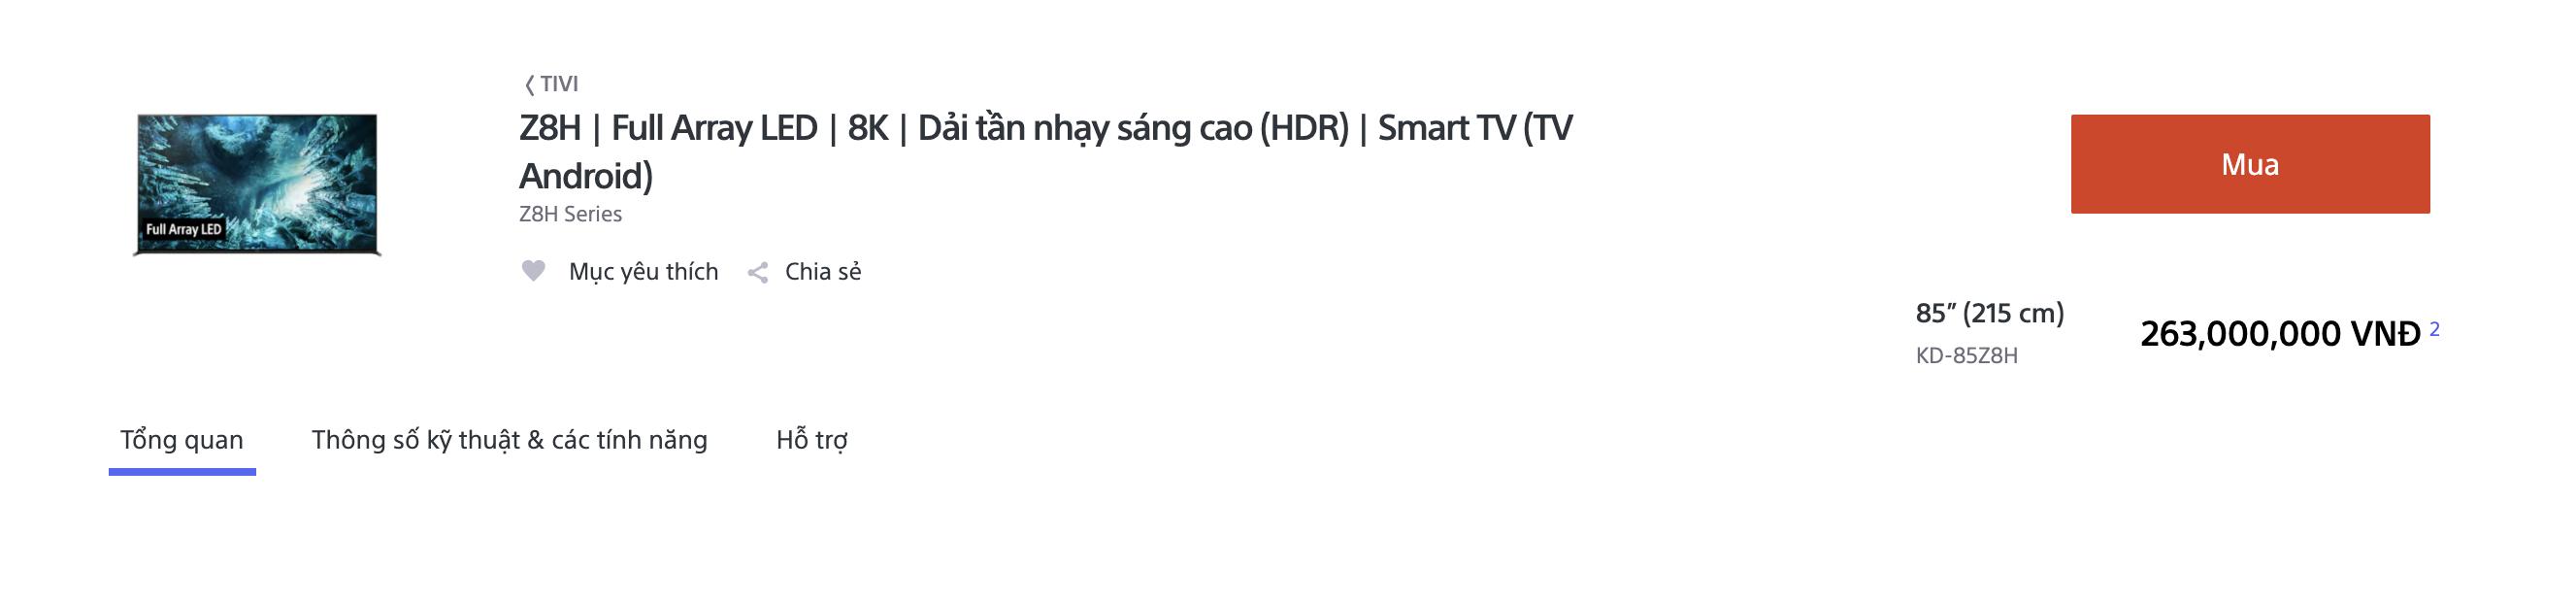 Sony lần đầu tiên ra mắt TV 8K tại Việt Nam giá 263 triệu đồng - Ảnh 1.